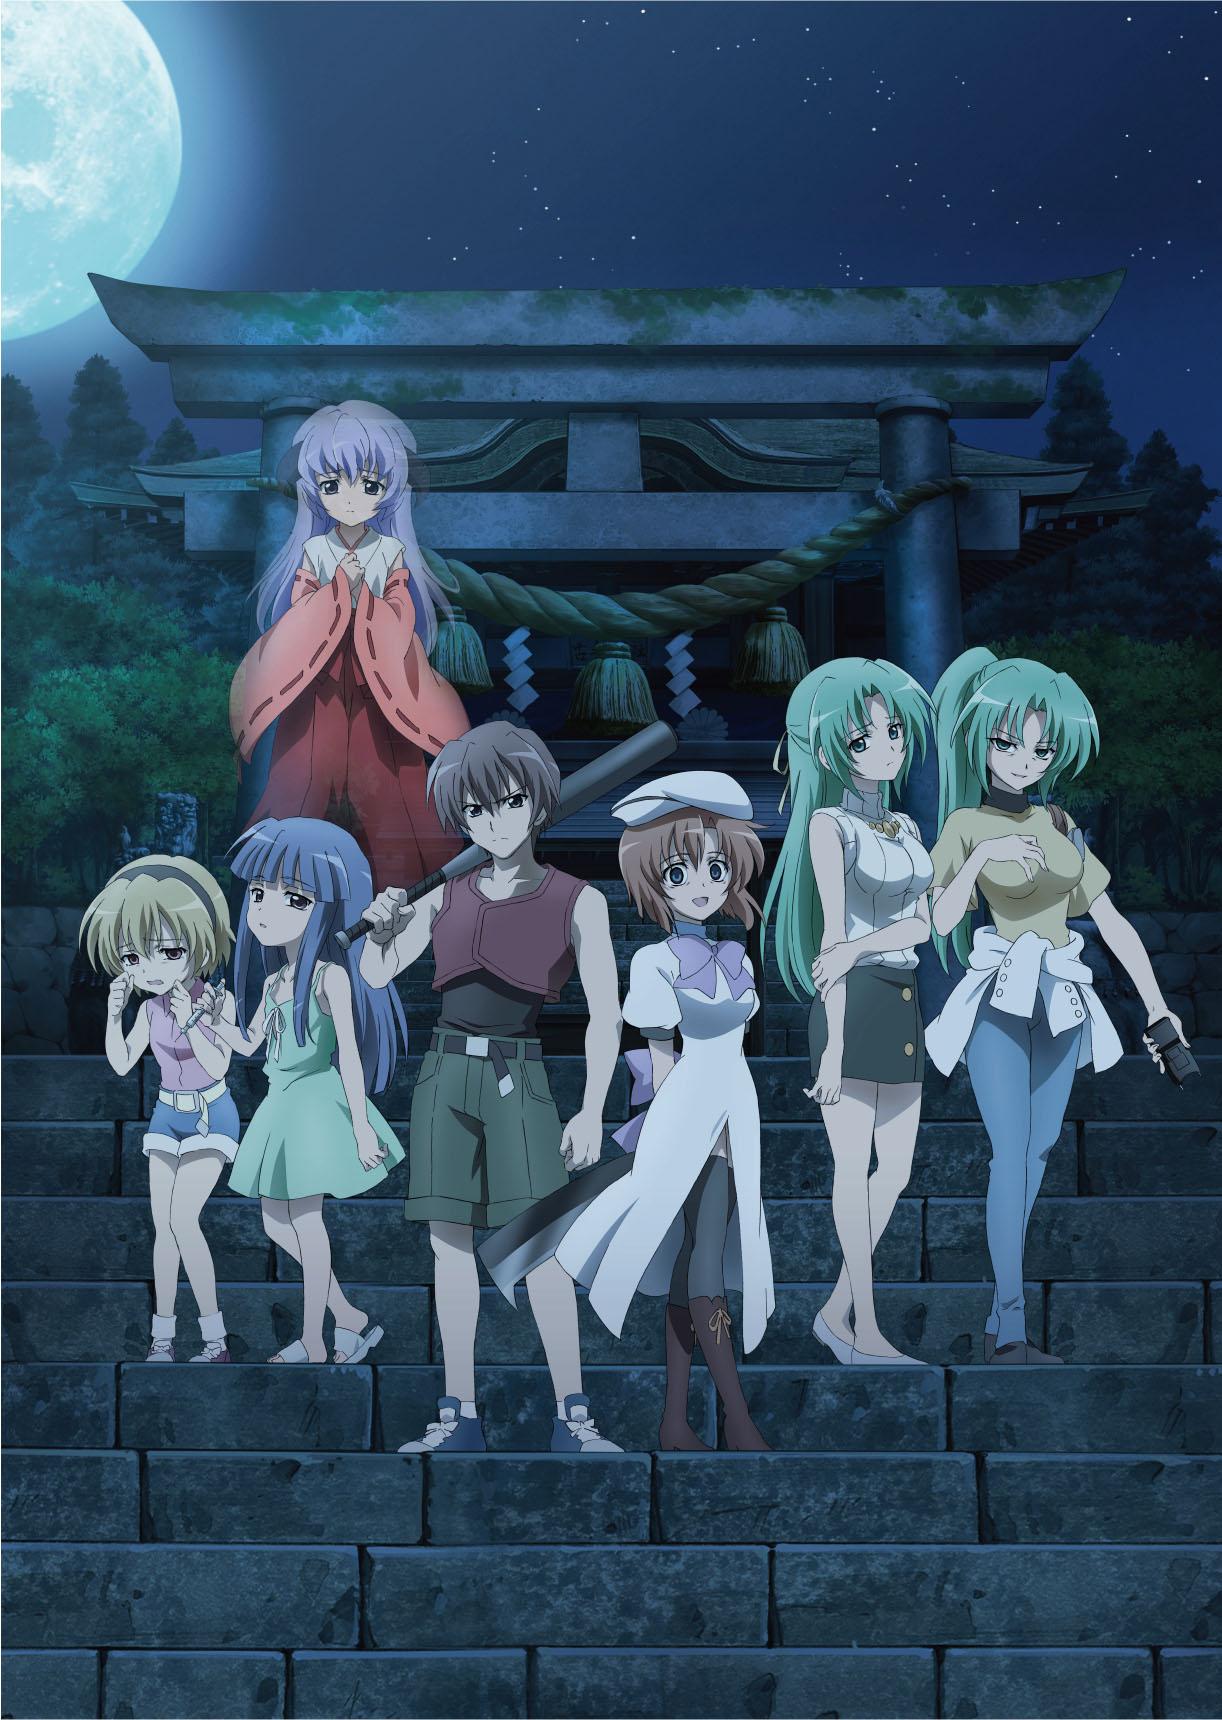 Higurashi No Naku Koro Ni When They Cry Image 2349420 Zerochan Anime Image Board